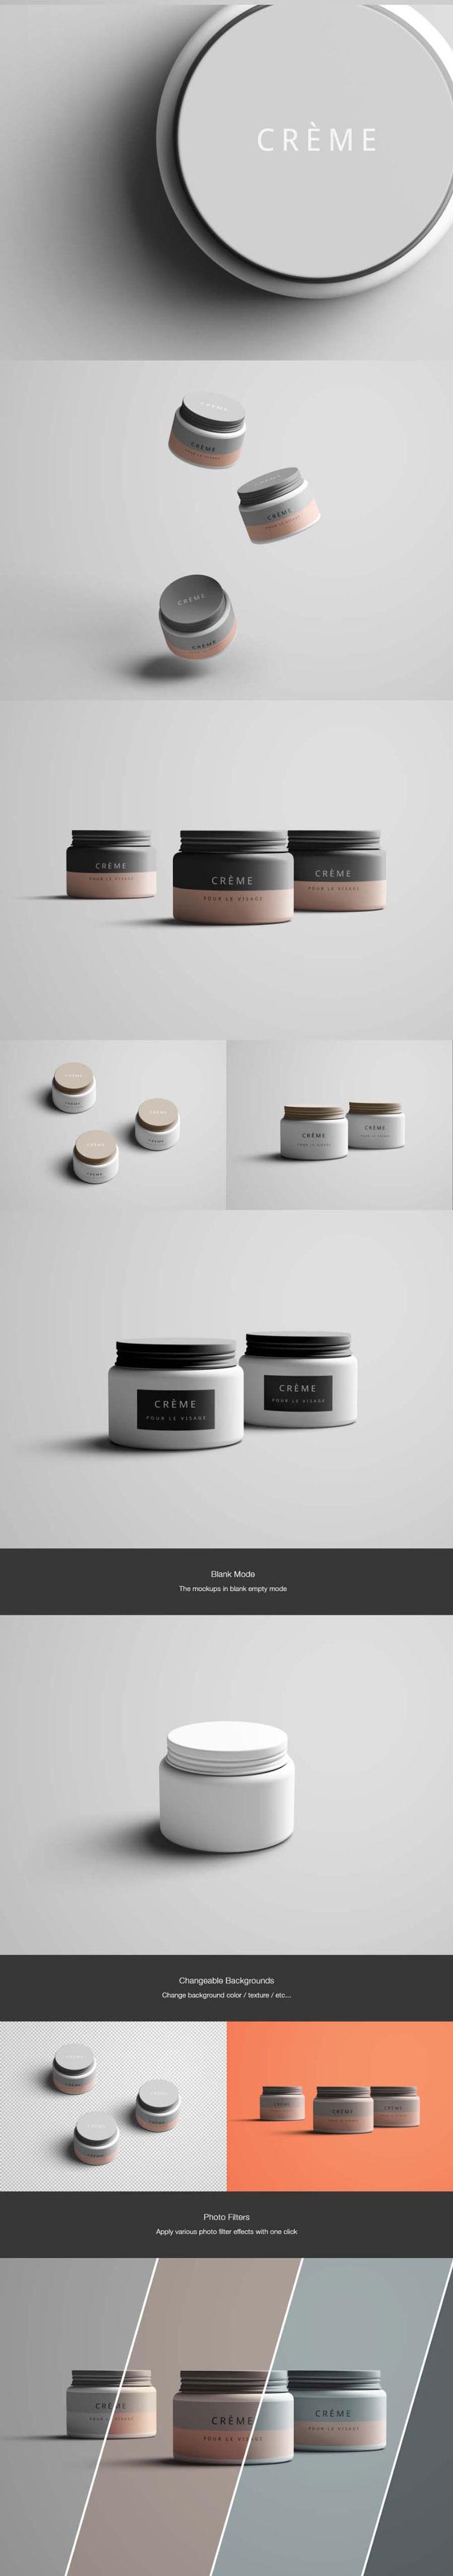 护肤霜品牌展示模板,PSD格式